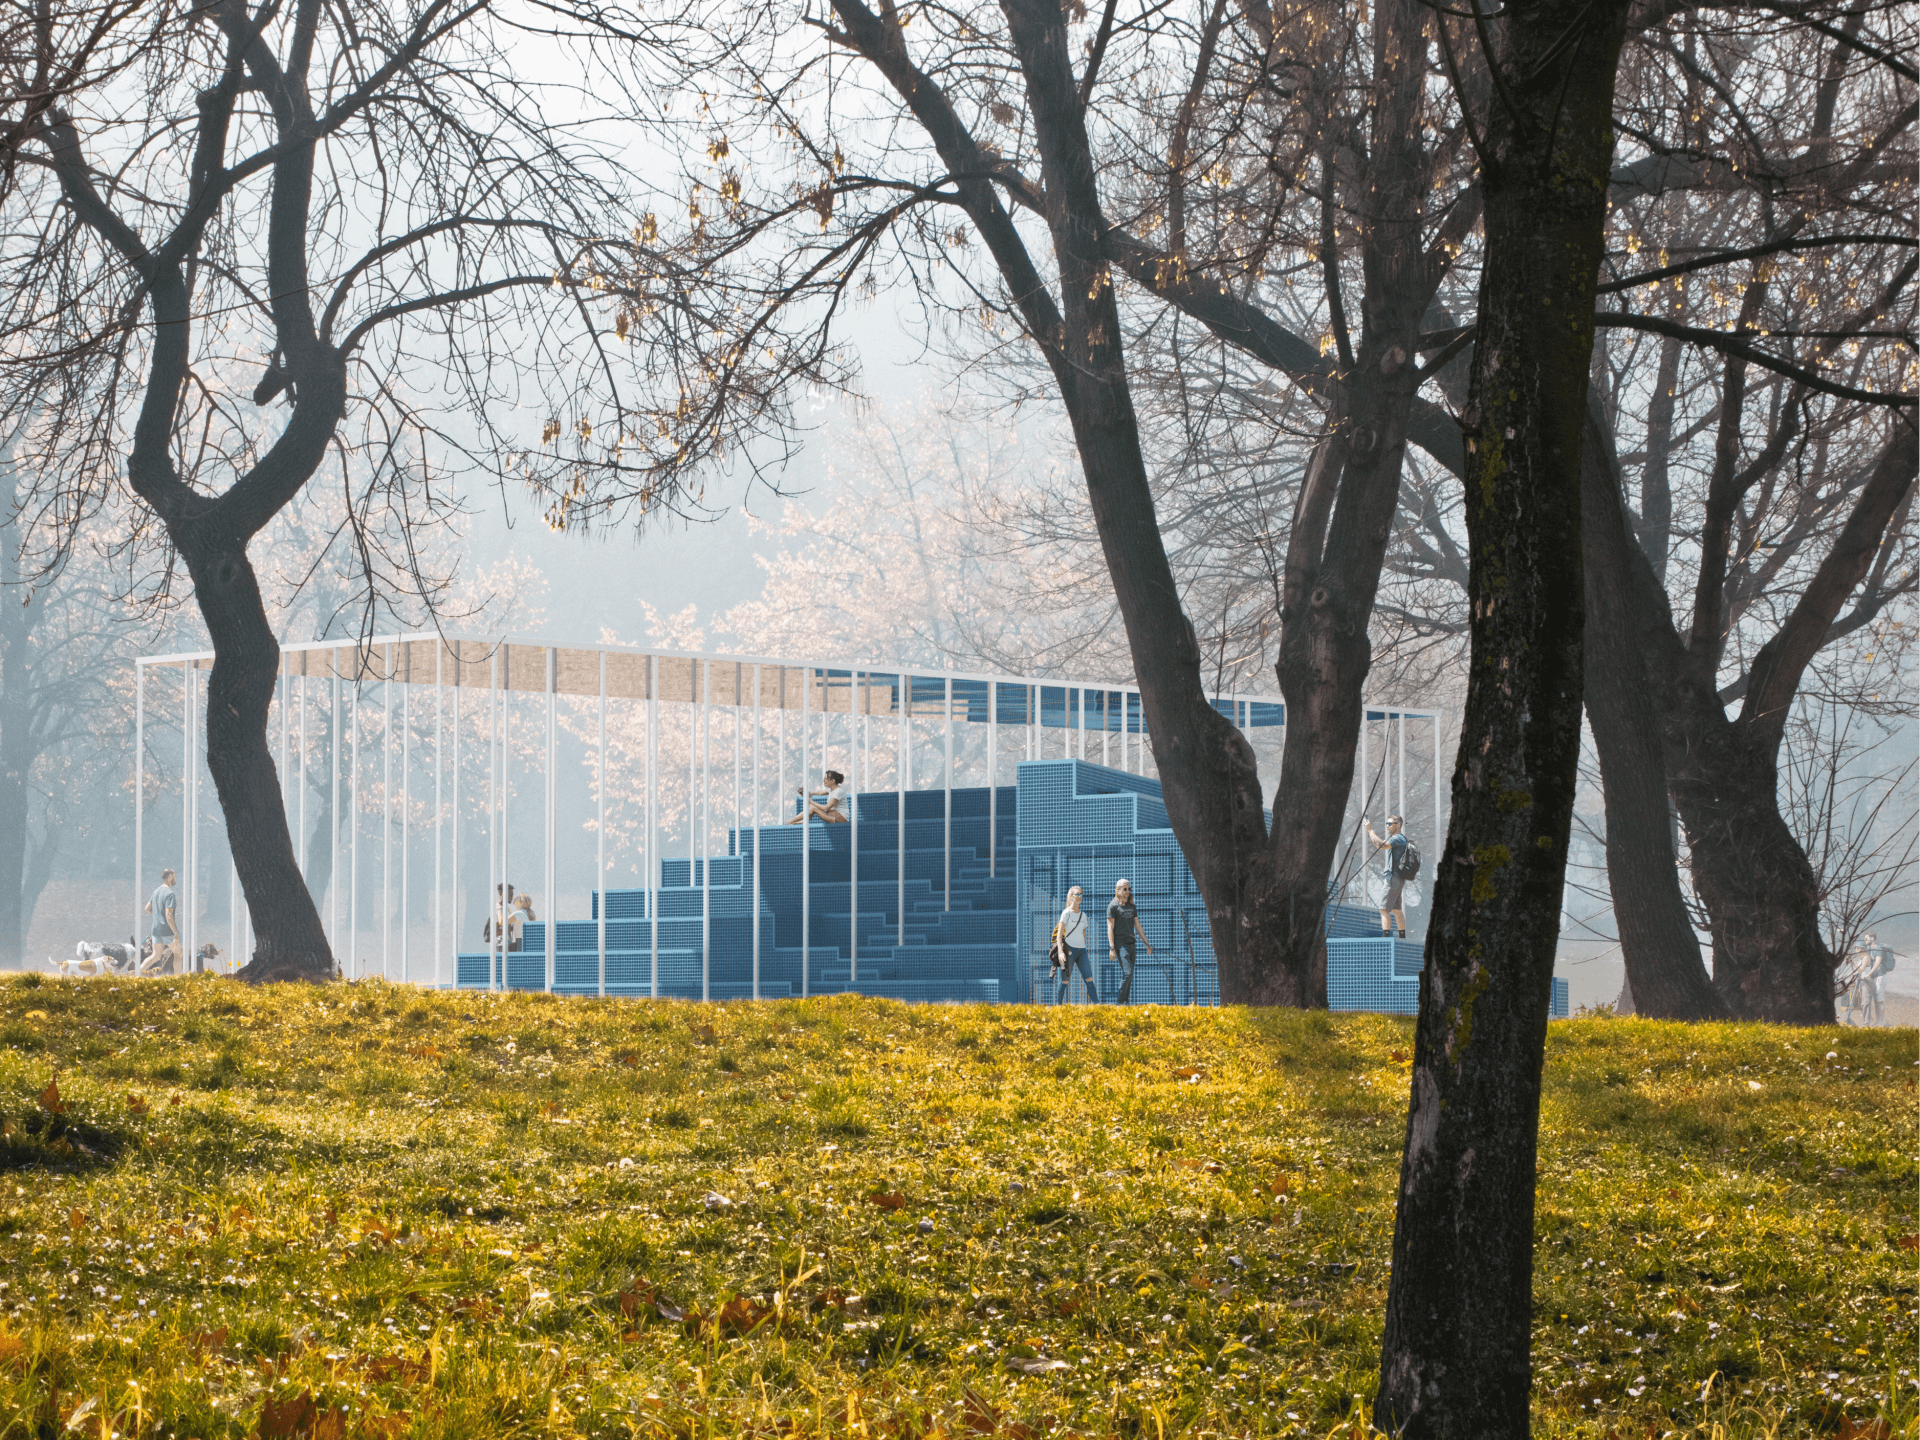 МАФ біля білого дому у Франківську виявився сучасним публічним простором